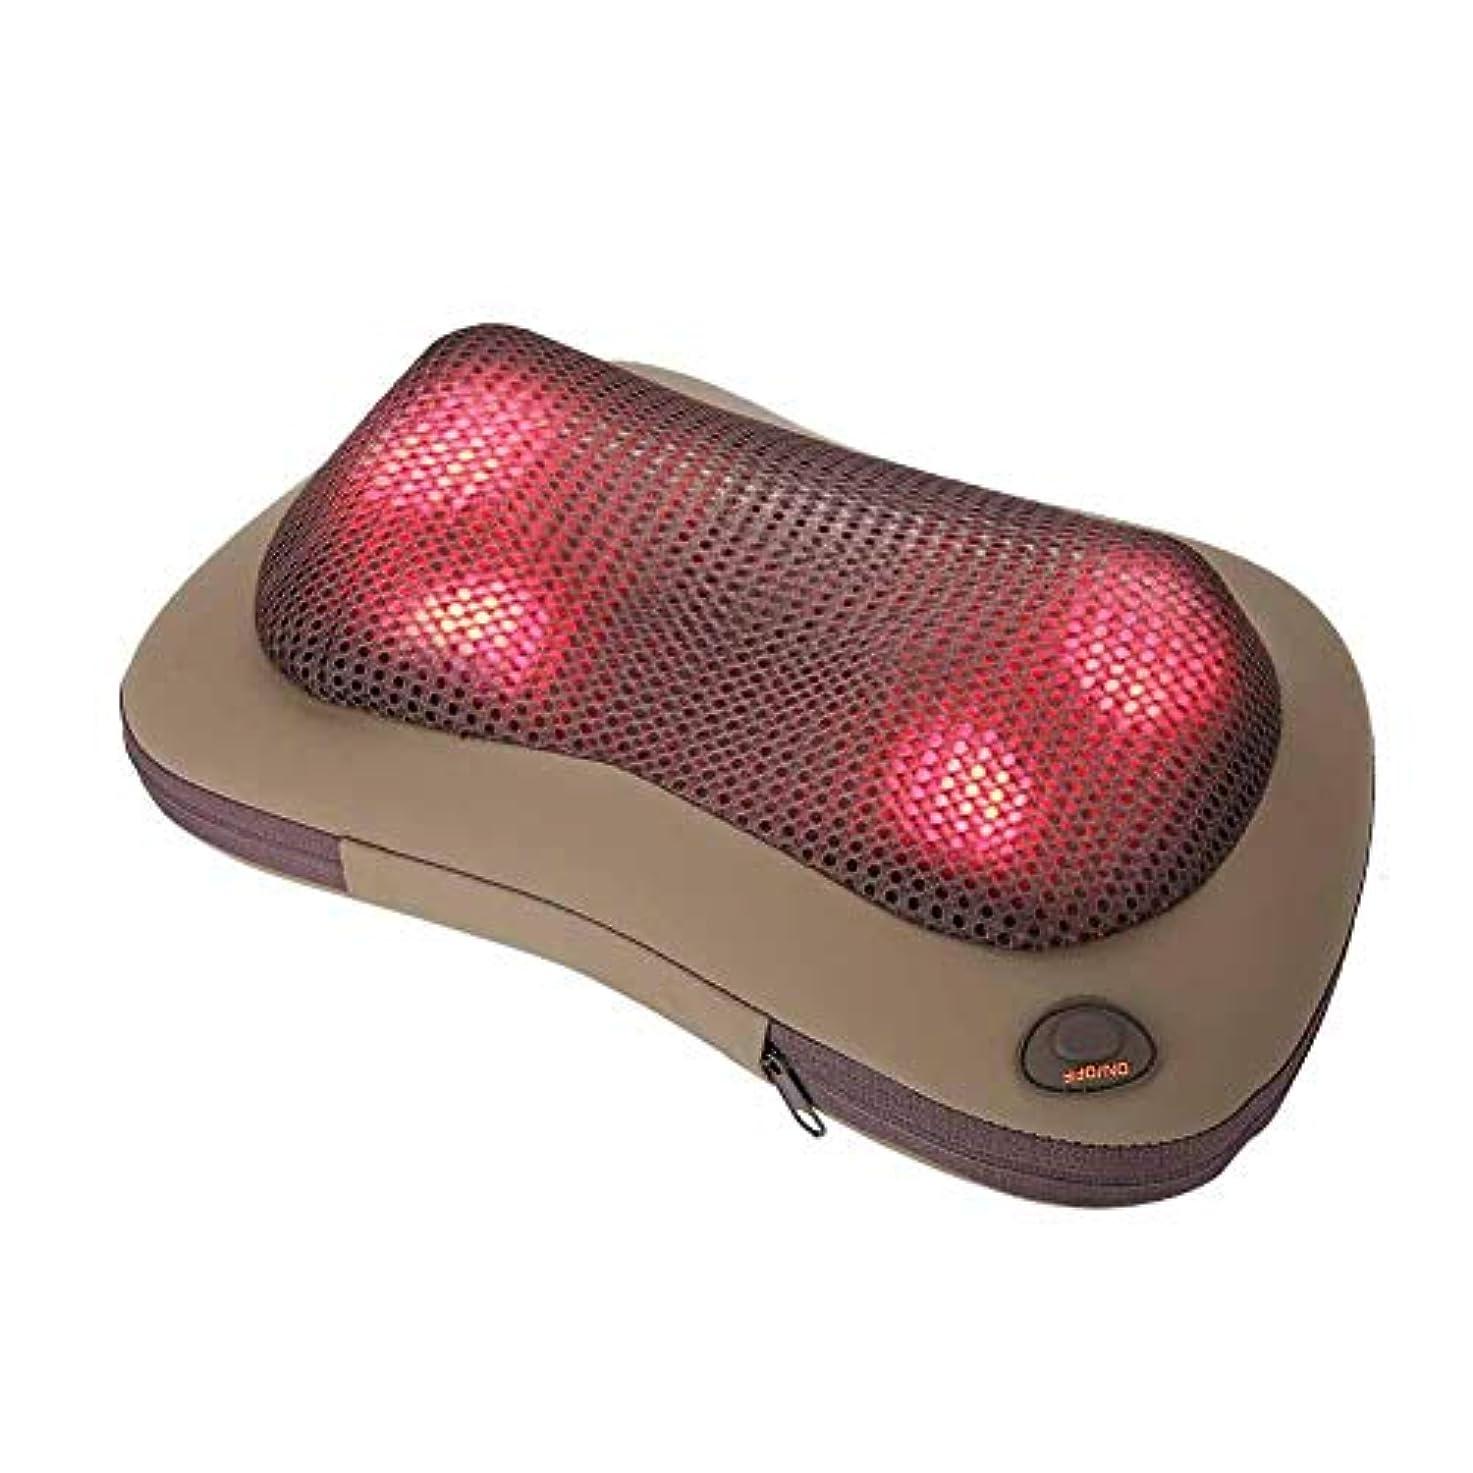 アンビエント絶対に氷携帯用 電気マッサージ 枕 暖房療法 首 ウエスト 足 腕 マッサージ用具(グレー)